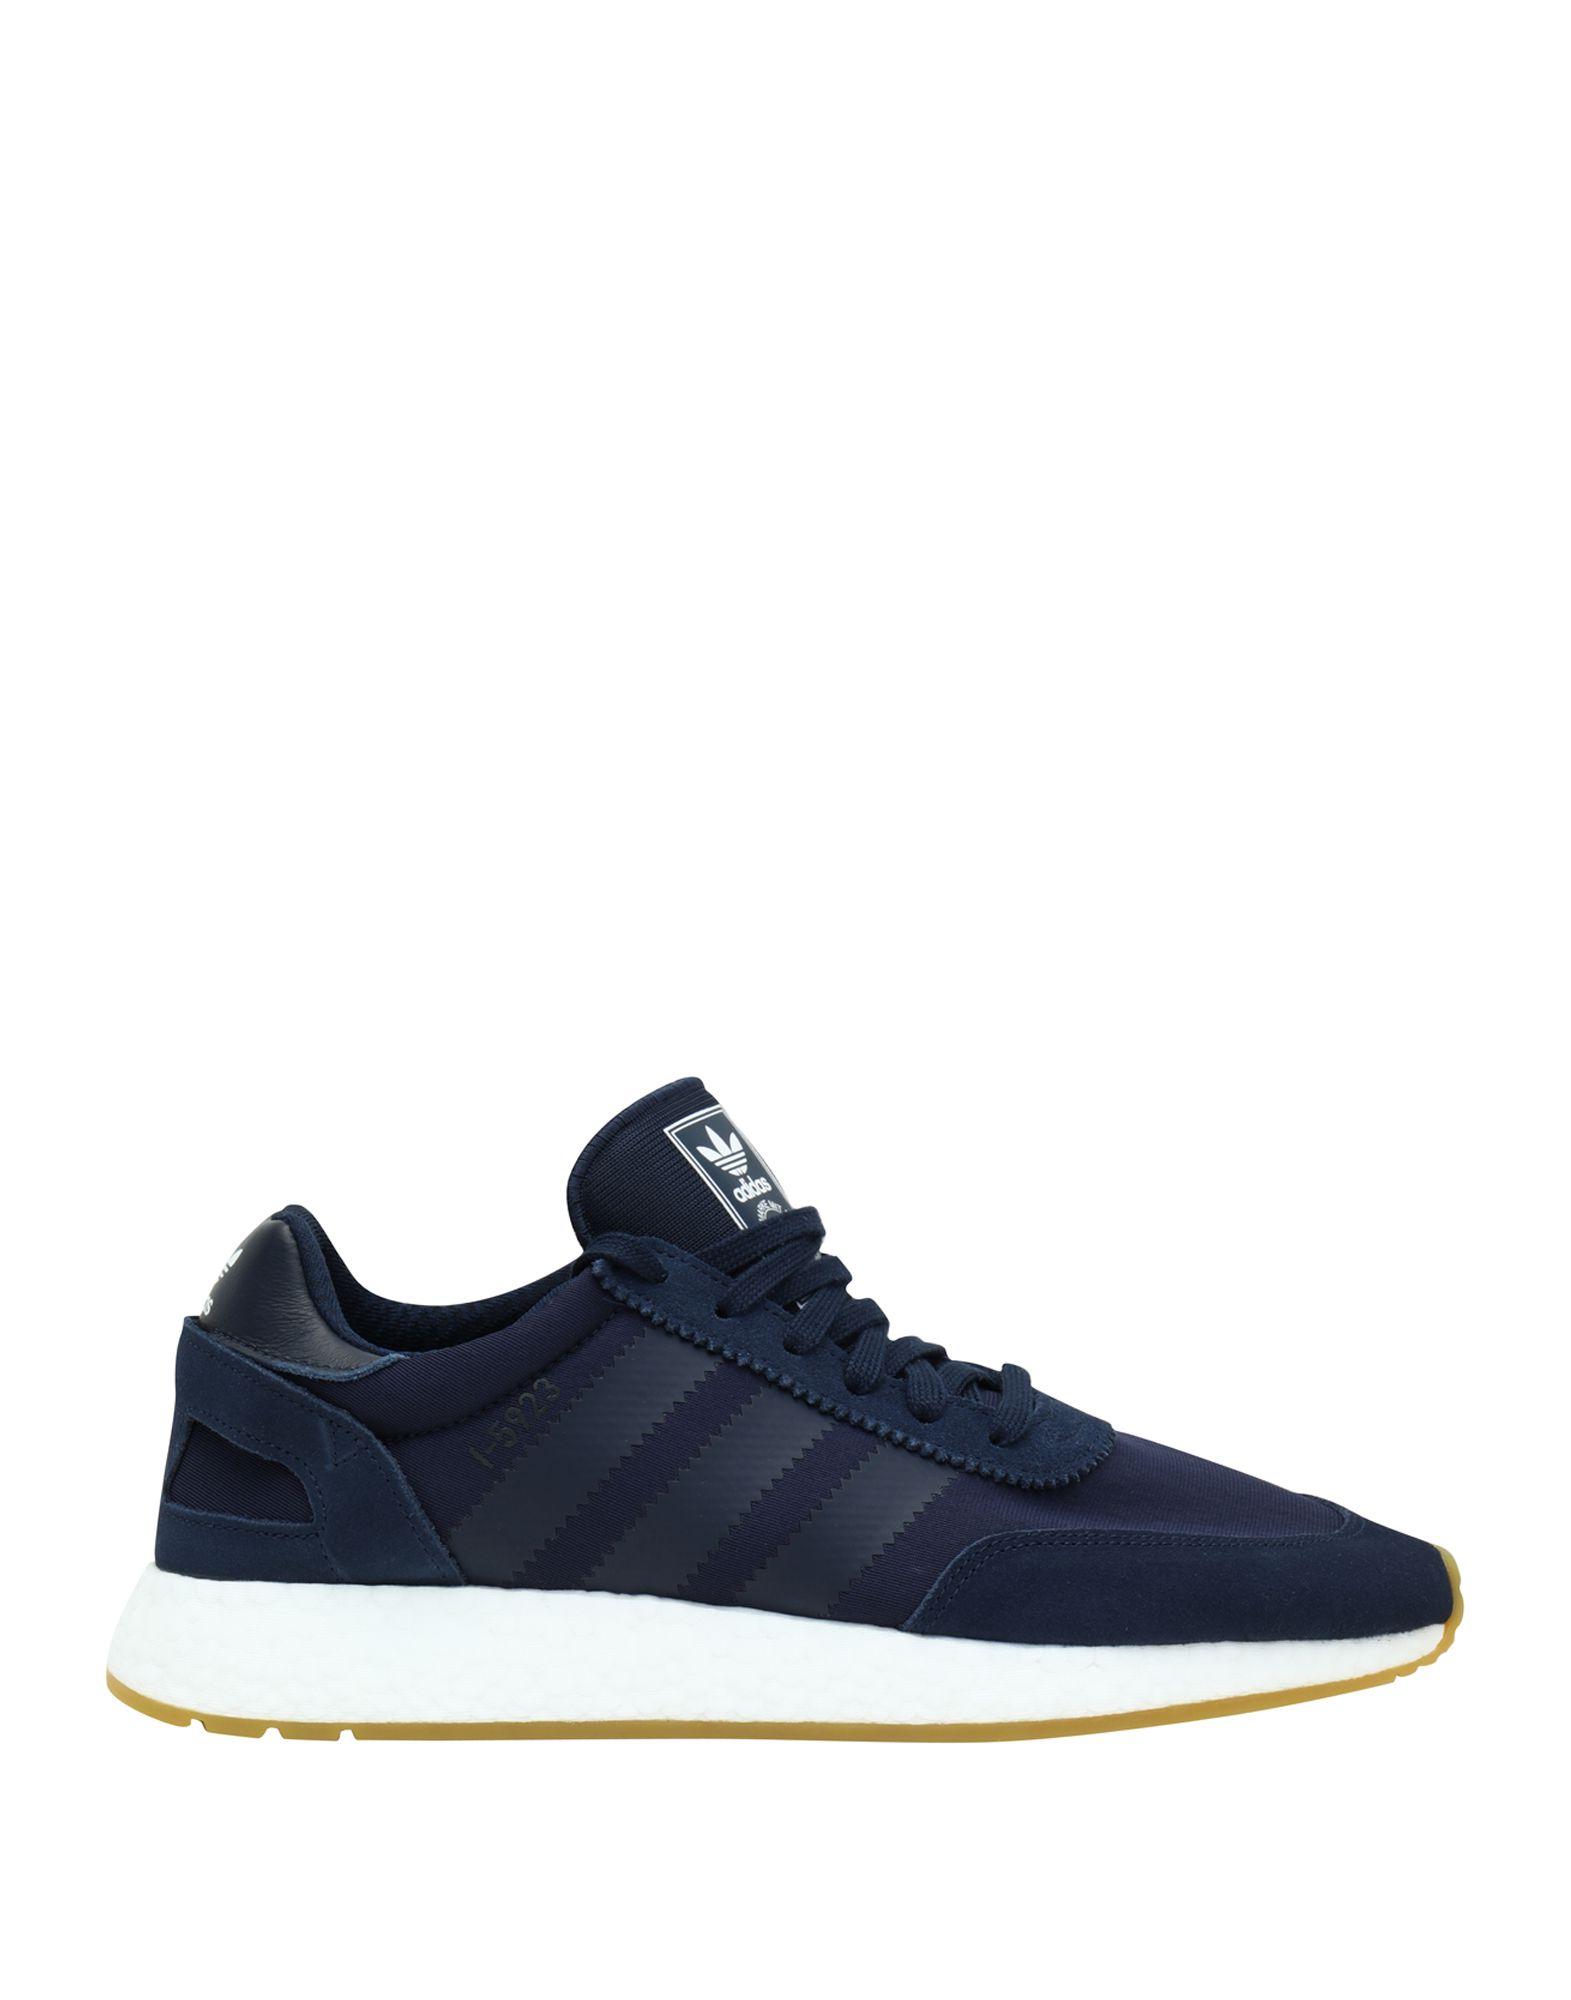 Azul Azul Azul oscuro Zapatillas Adidas Originals I-5923 - Hombre - Zapatillas Adidas Originals modelo más vendido de la marca 727beb